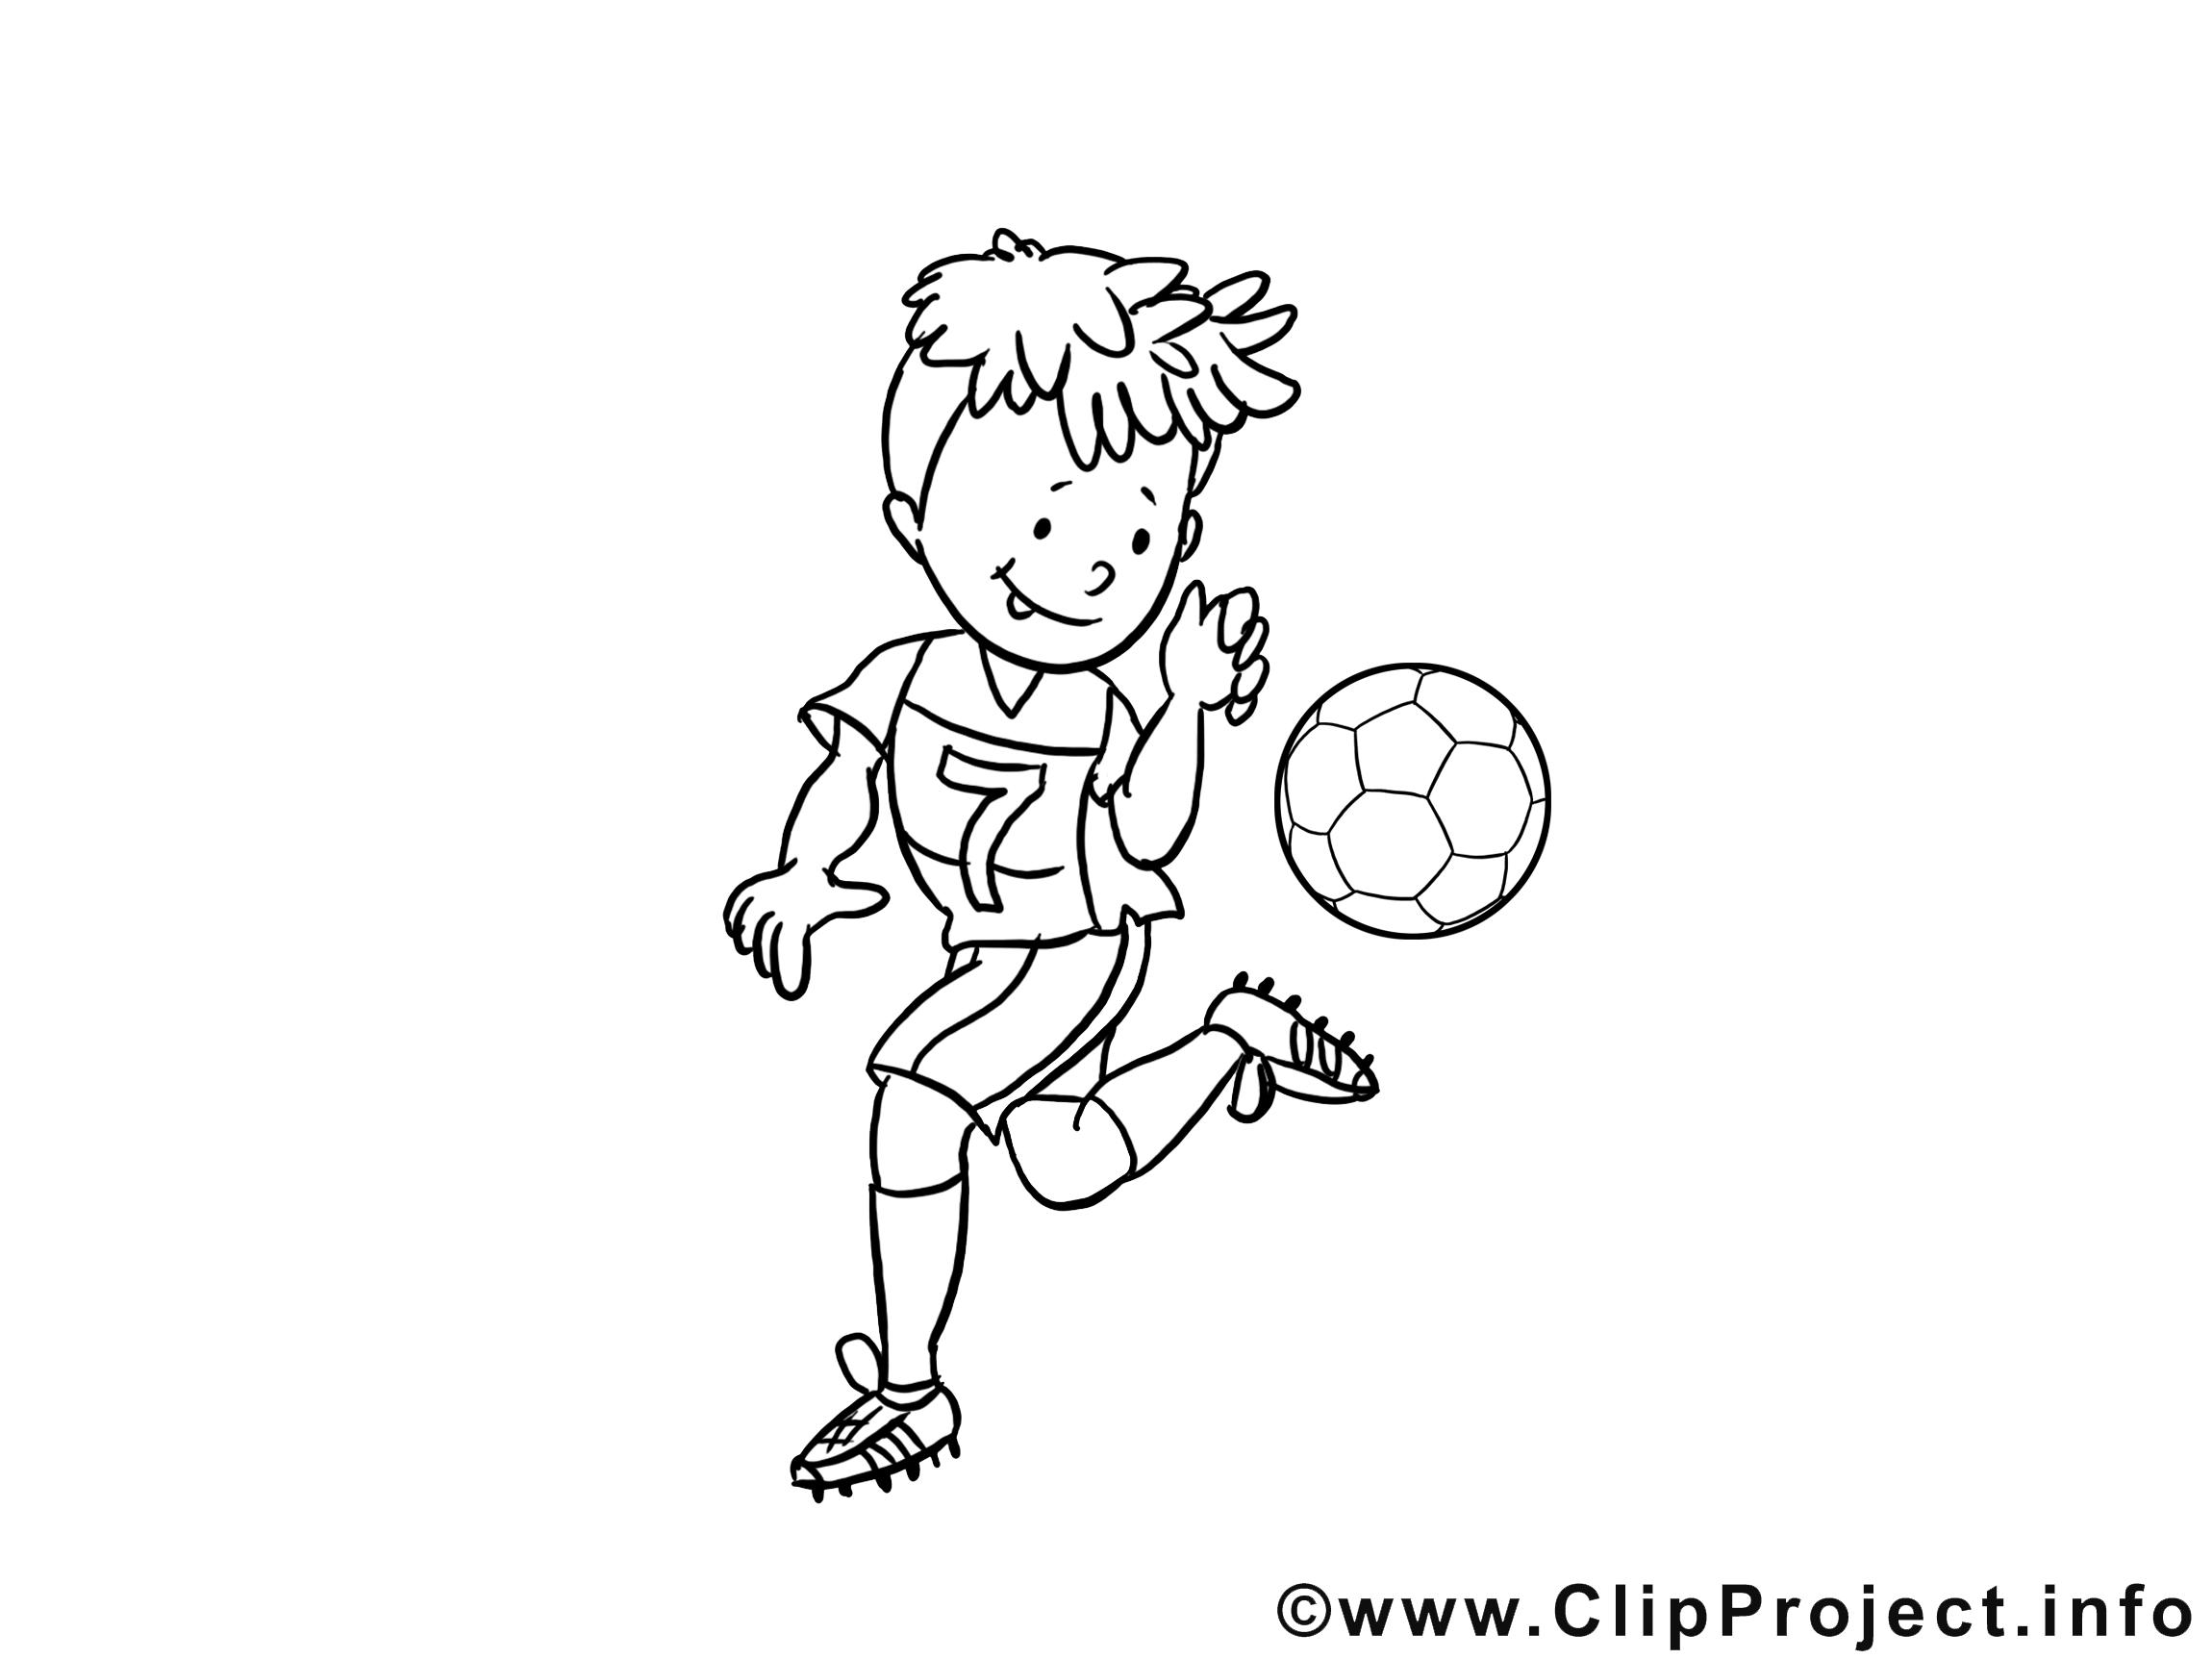 Kindermalvorlagen Fussball ganzes Kindermalvorlage